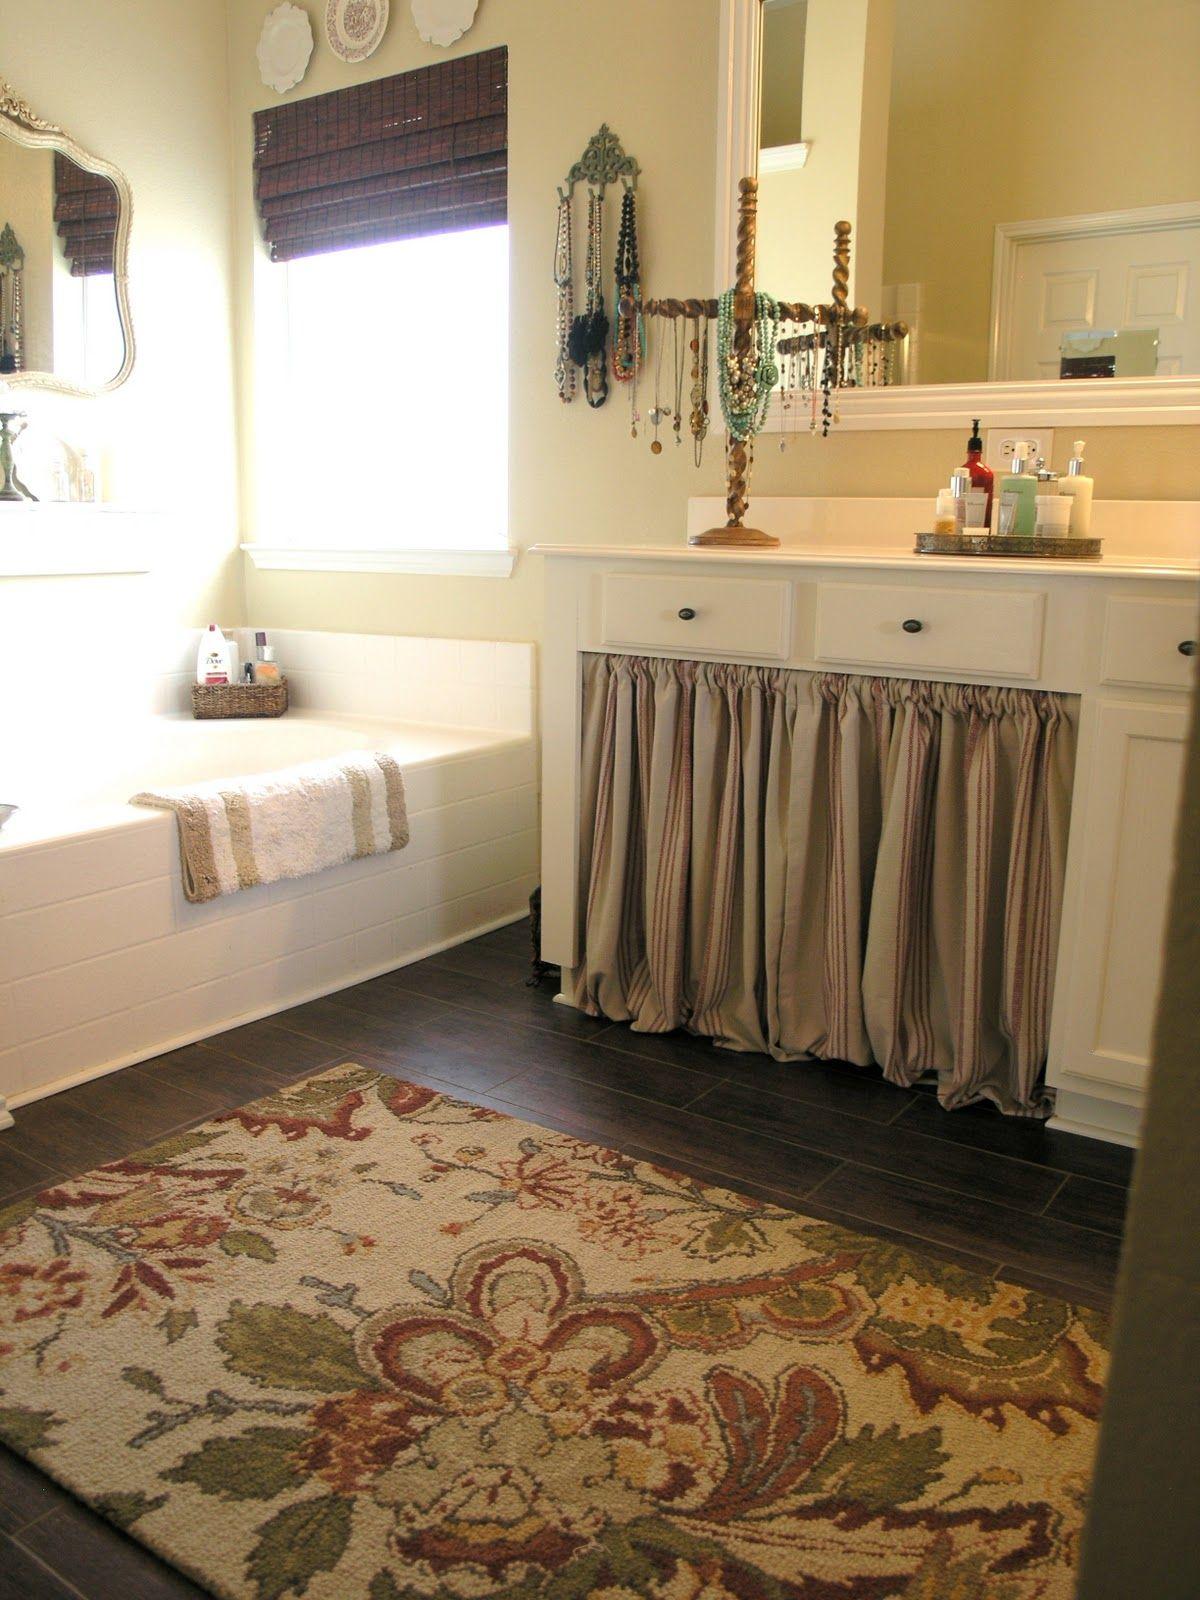 Burlap Curtain Under Kitchen Sink One